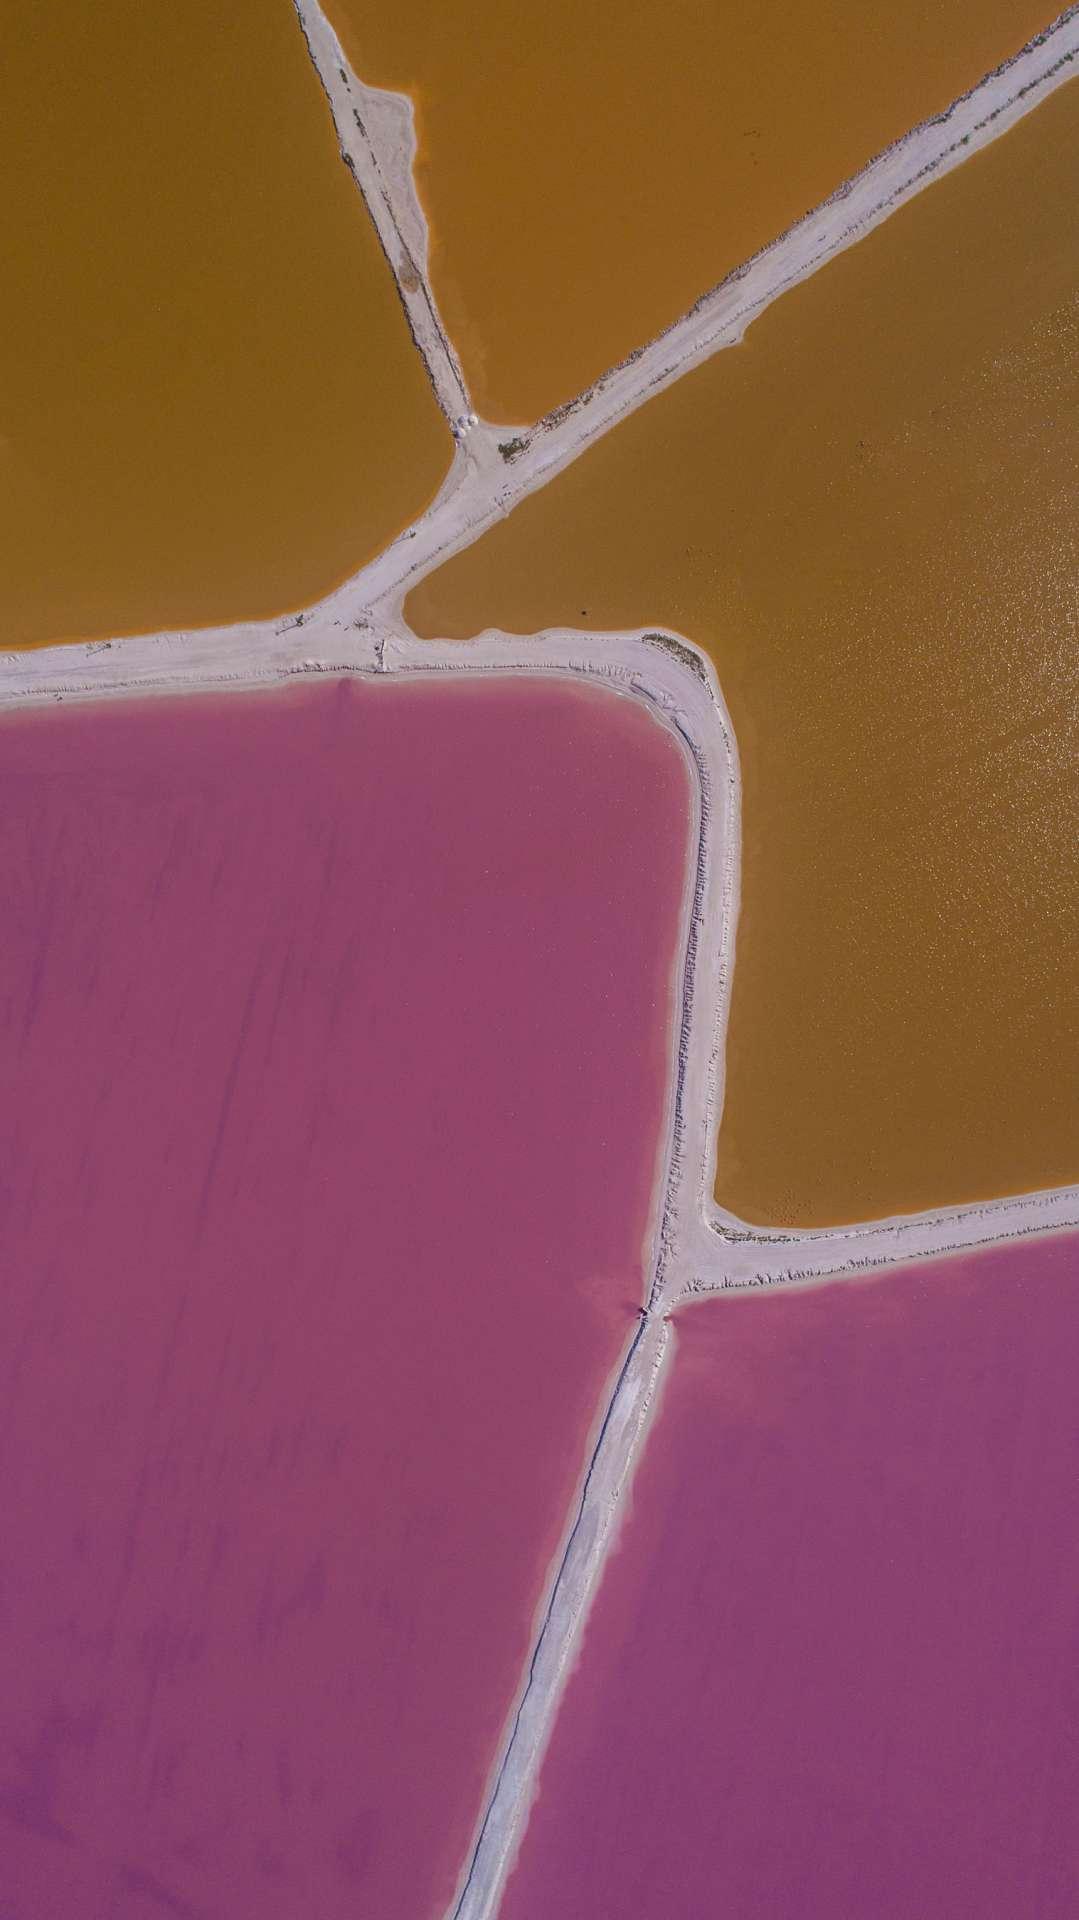 Pink lagoons Las Coloradas Yucatan Mexico Aerial View by drone Enrico Pescantini 3